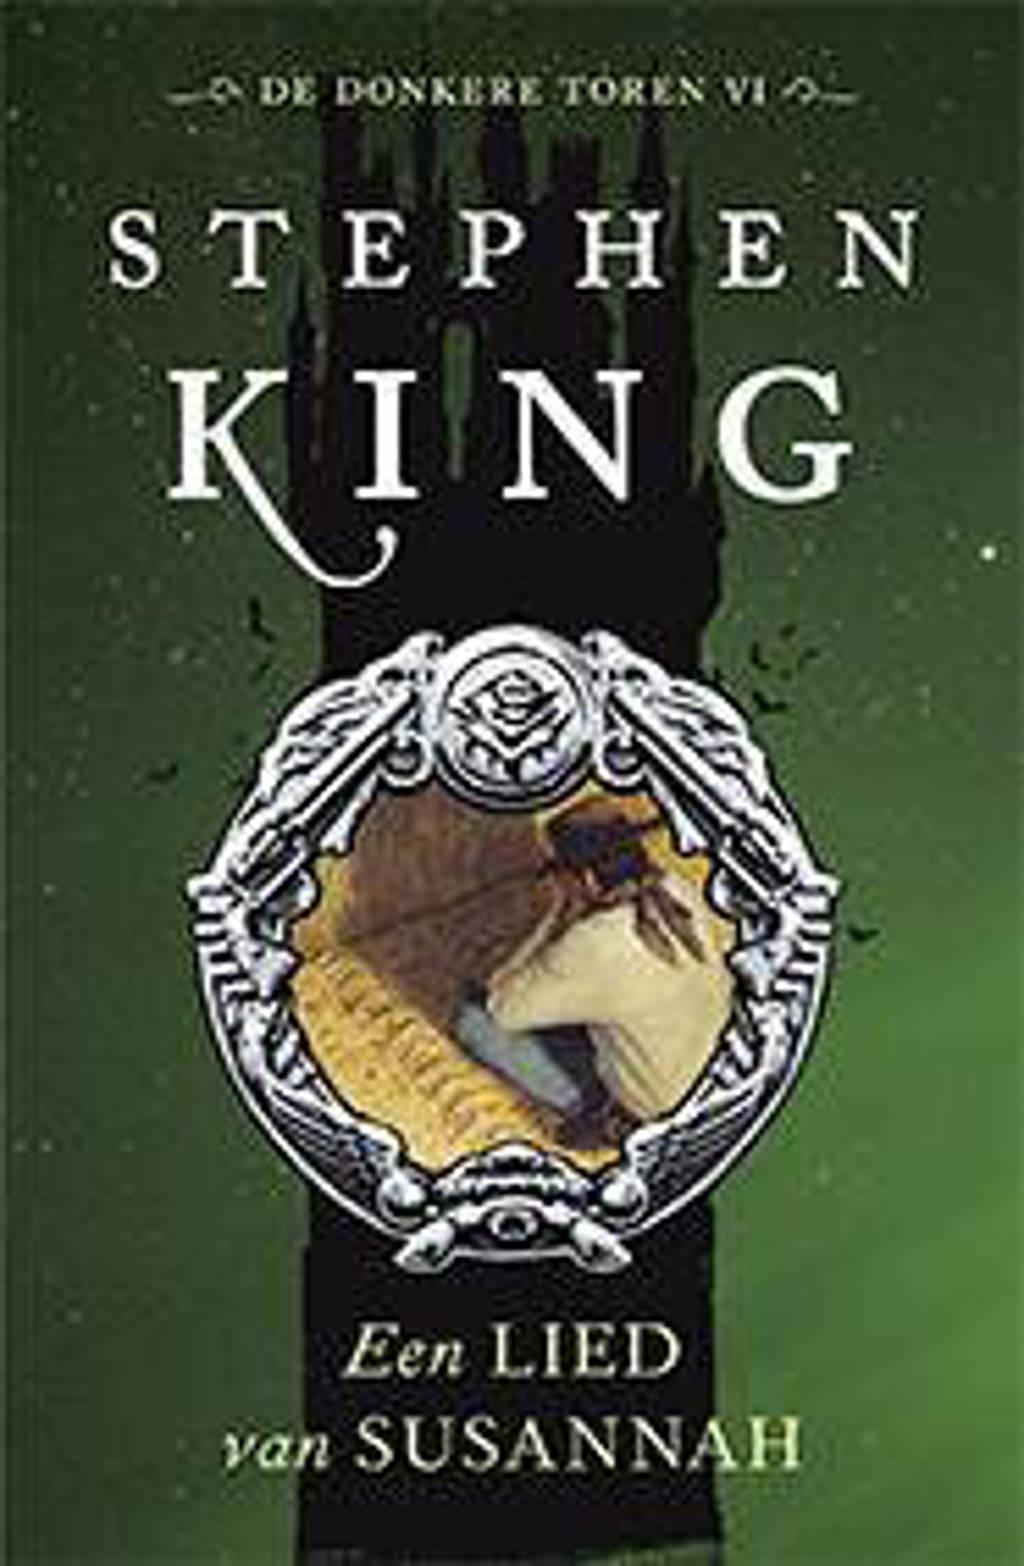 De donkere toren: Een lied van Susannah - Stephen King